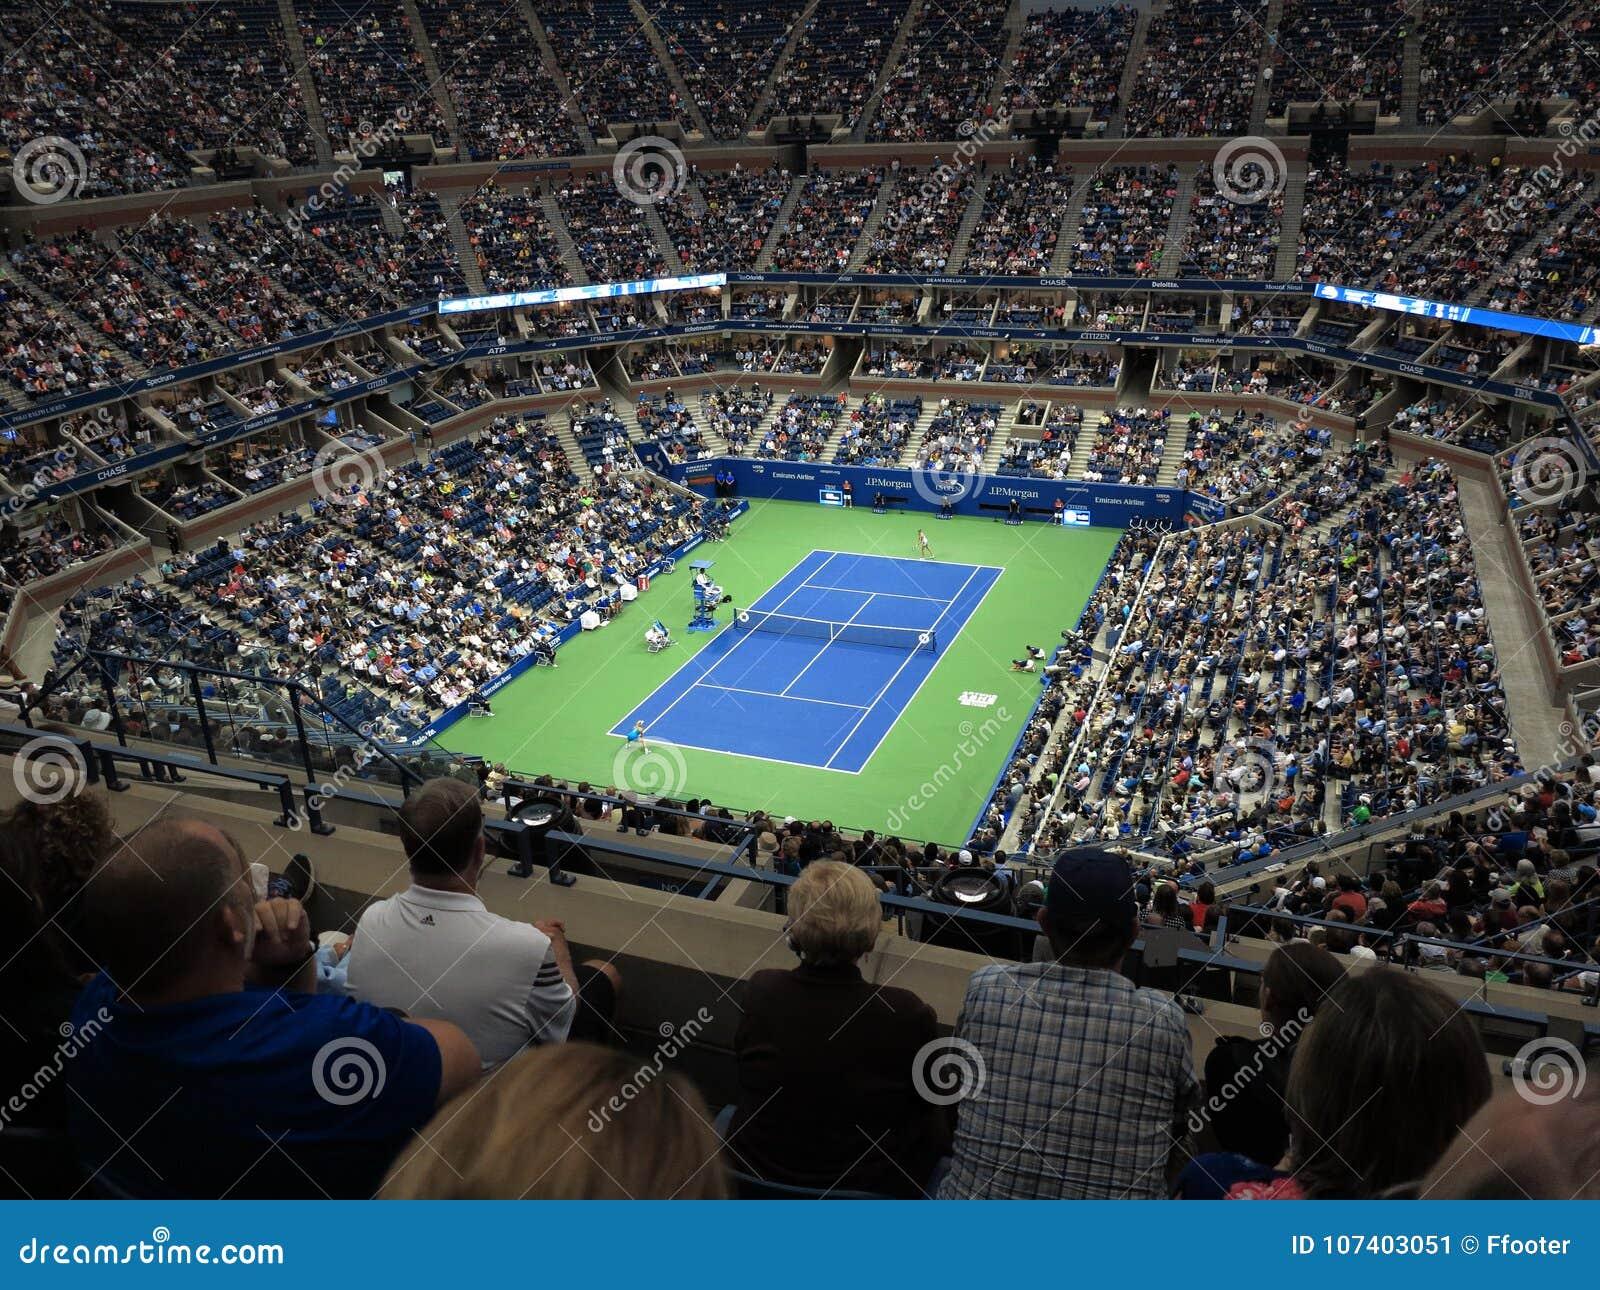 Ashe stadium - us open tenis